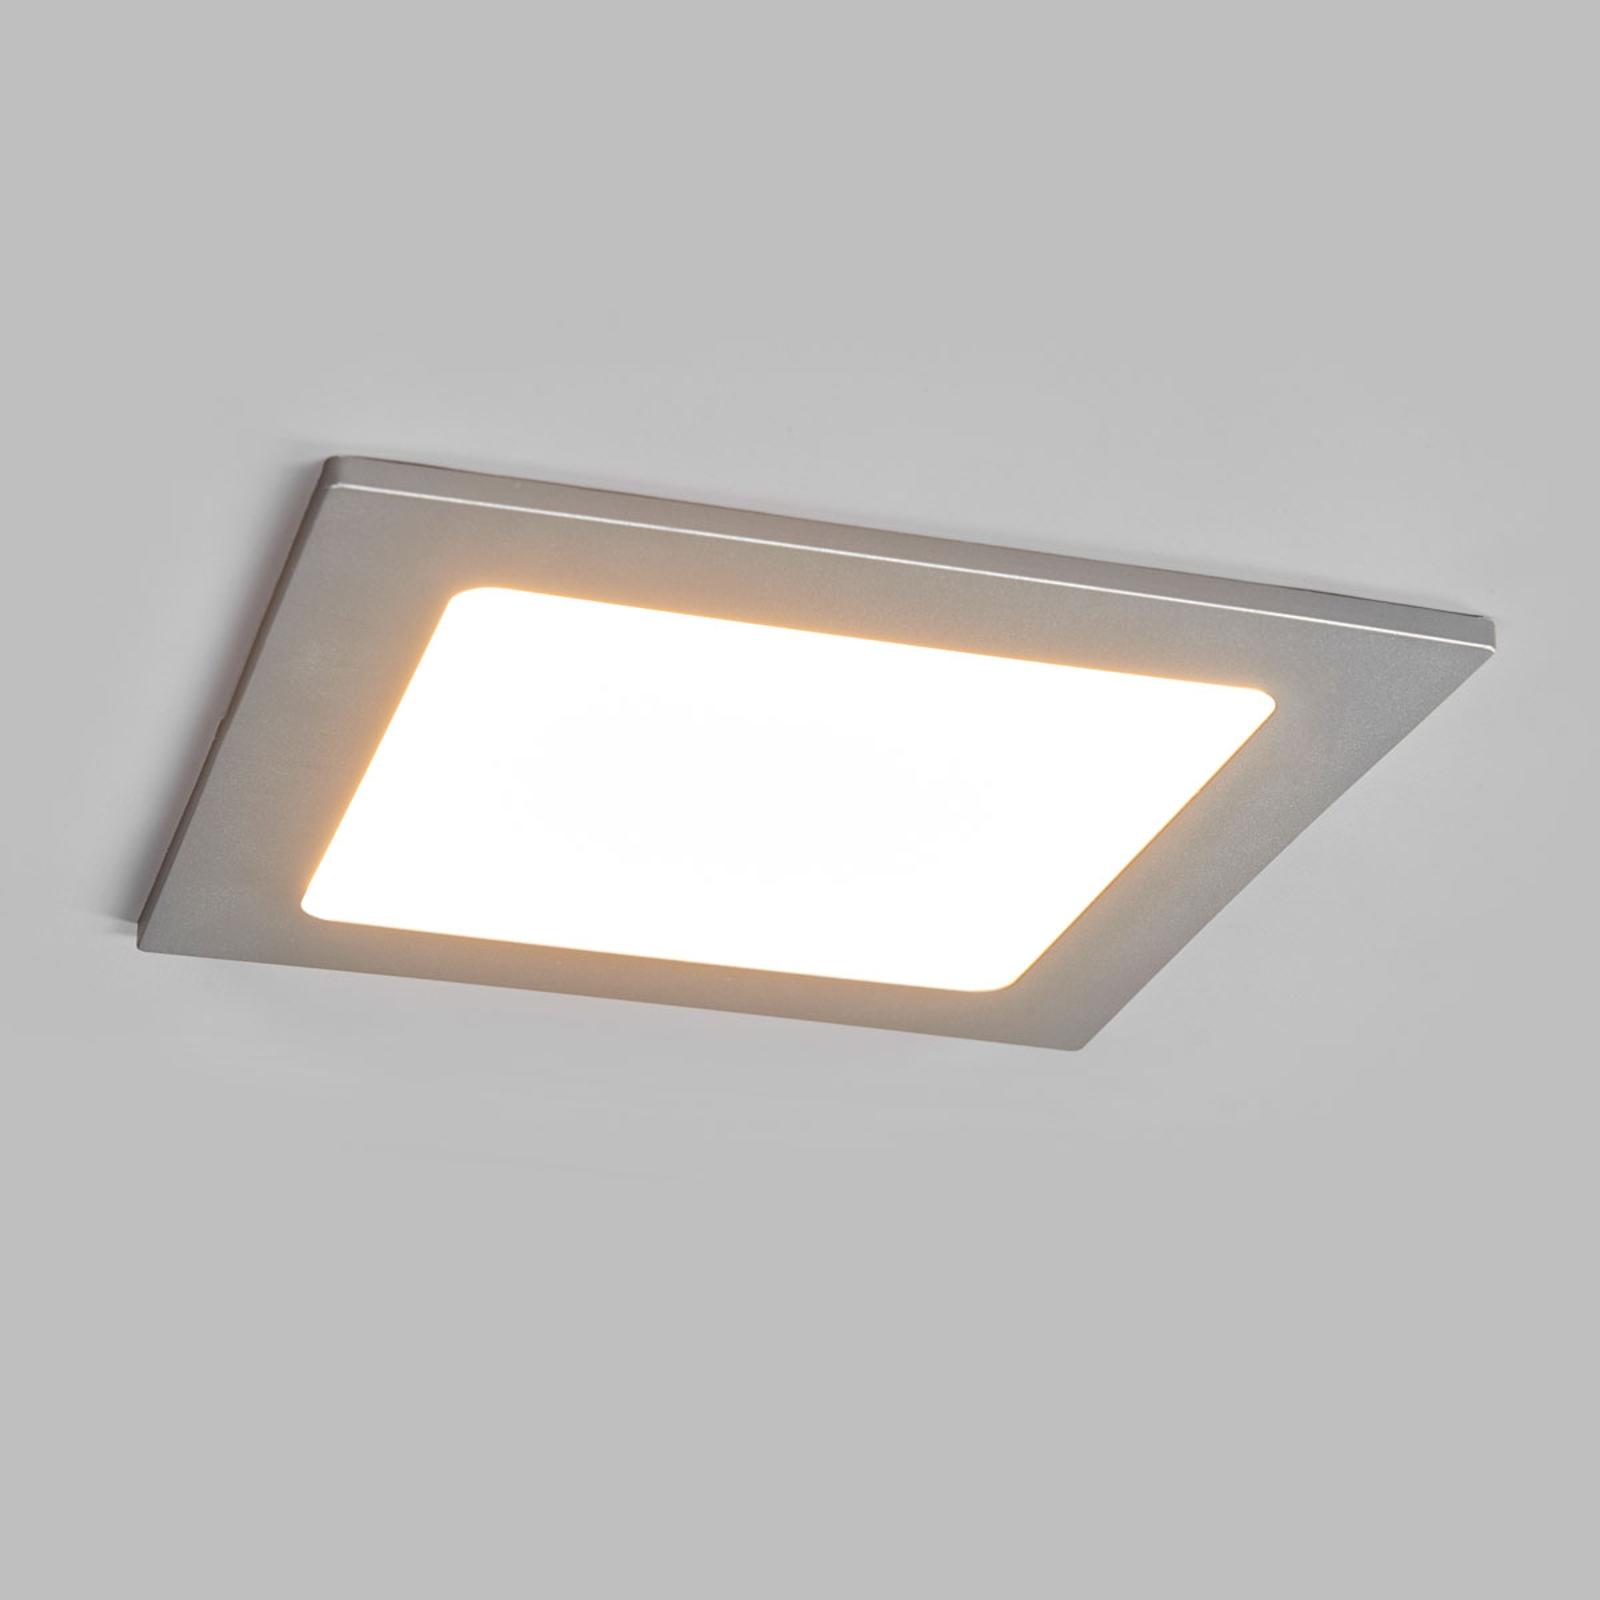 LED podhledové bodové svítidlo Joki hran. 16,5cm